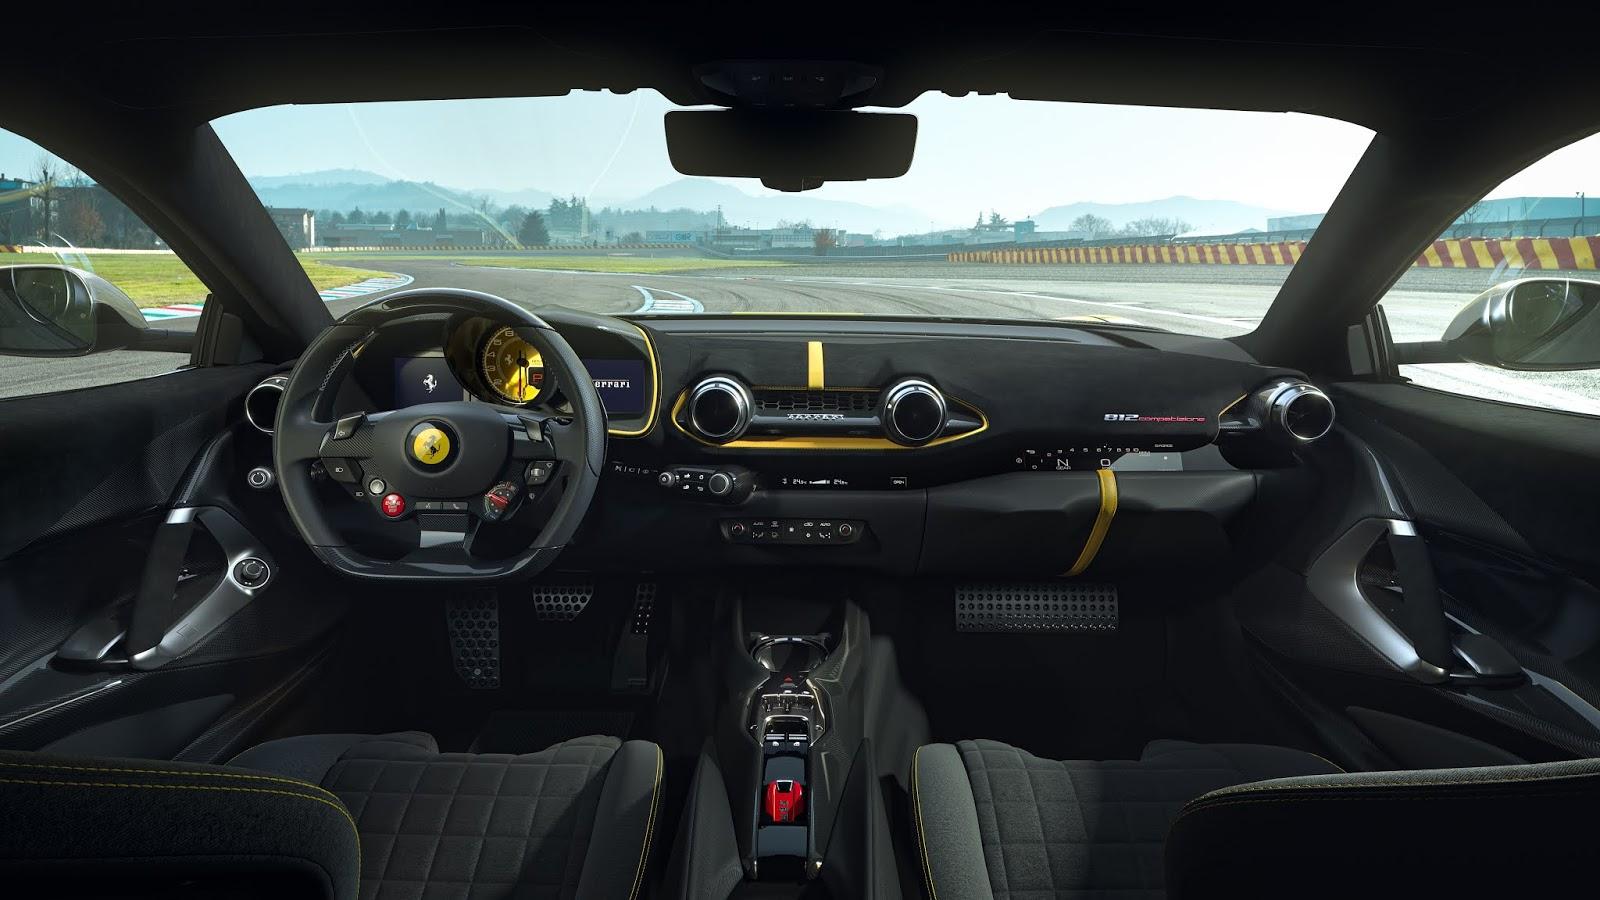 20210420 07 F152M VS interno coupe Plafoniera 1